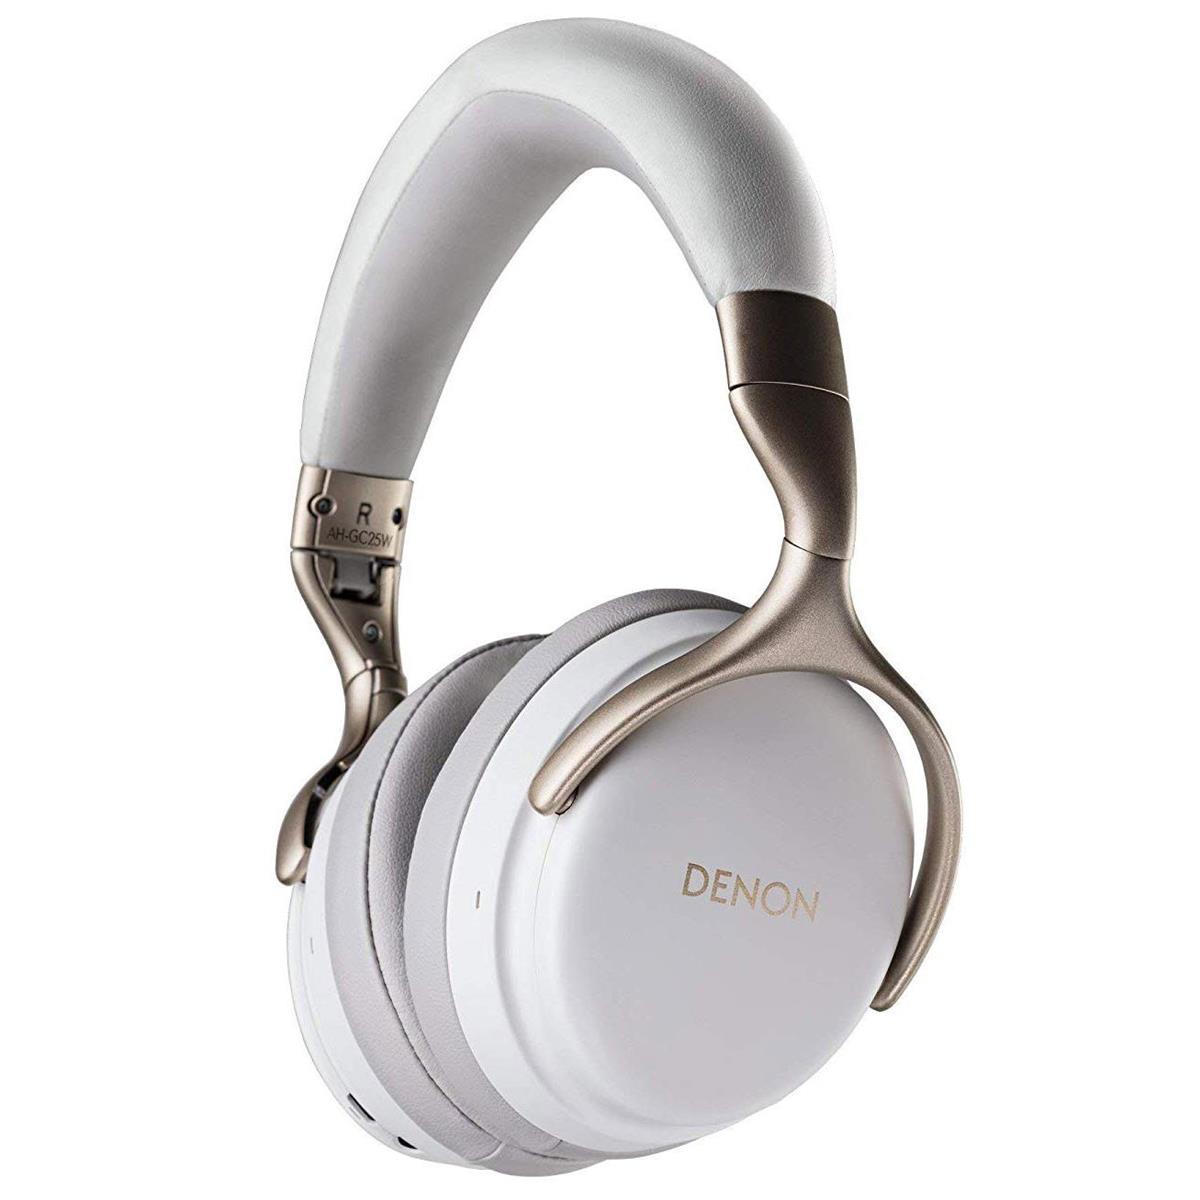 Denon AH-GC25W Premium Wireless Headphones with aptX Bluetooth | White